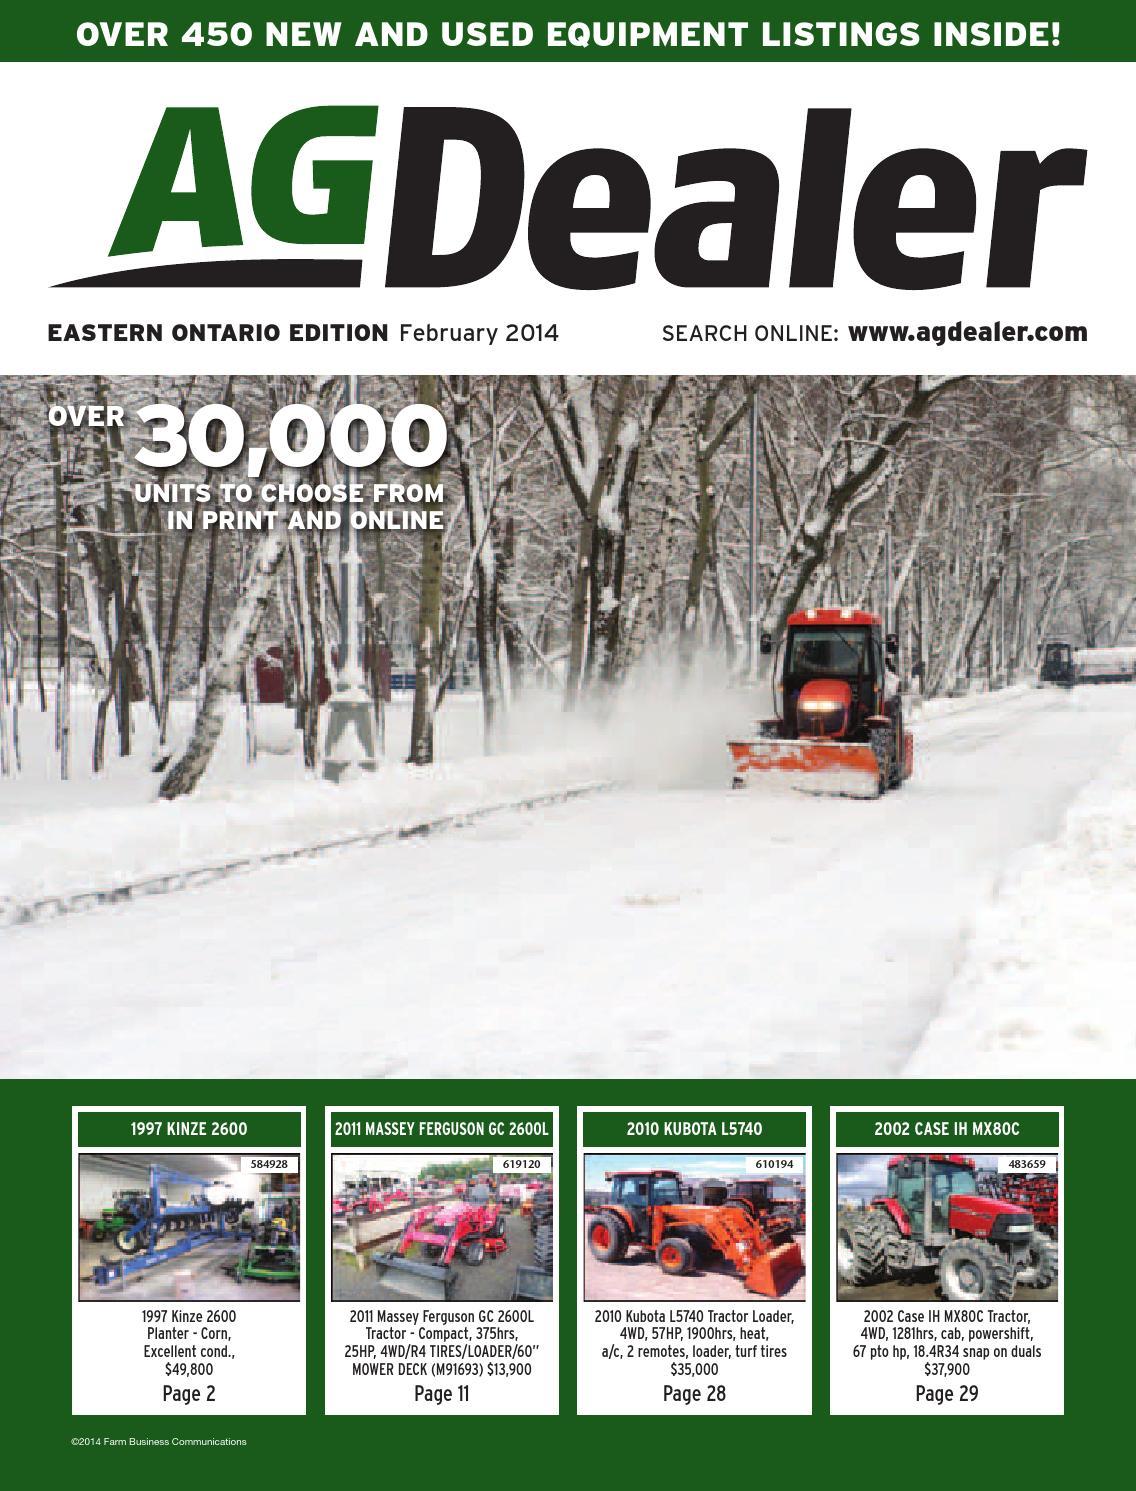 AGDealer Eastern Ontario Edition, February 204 by Farm